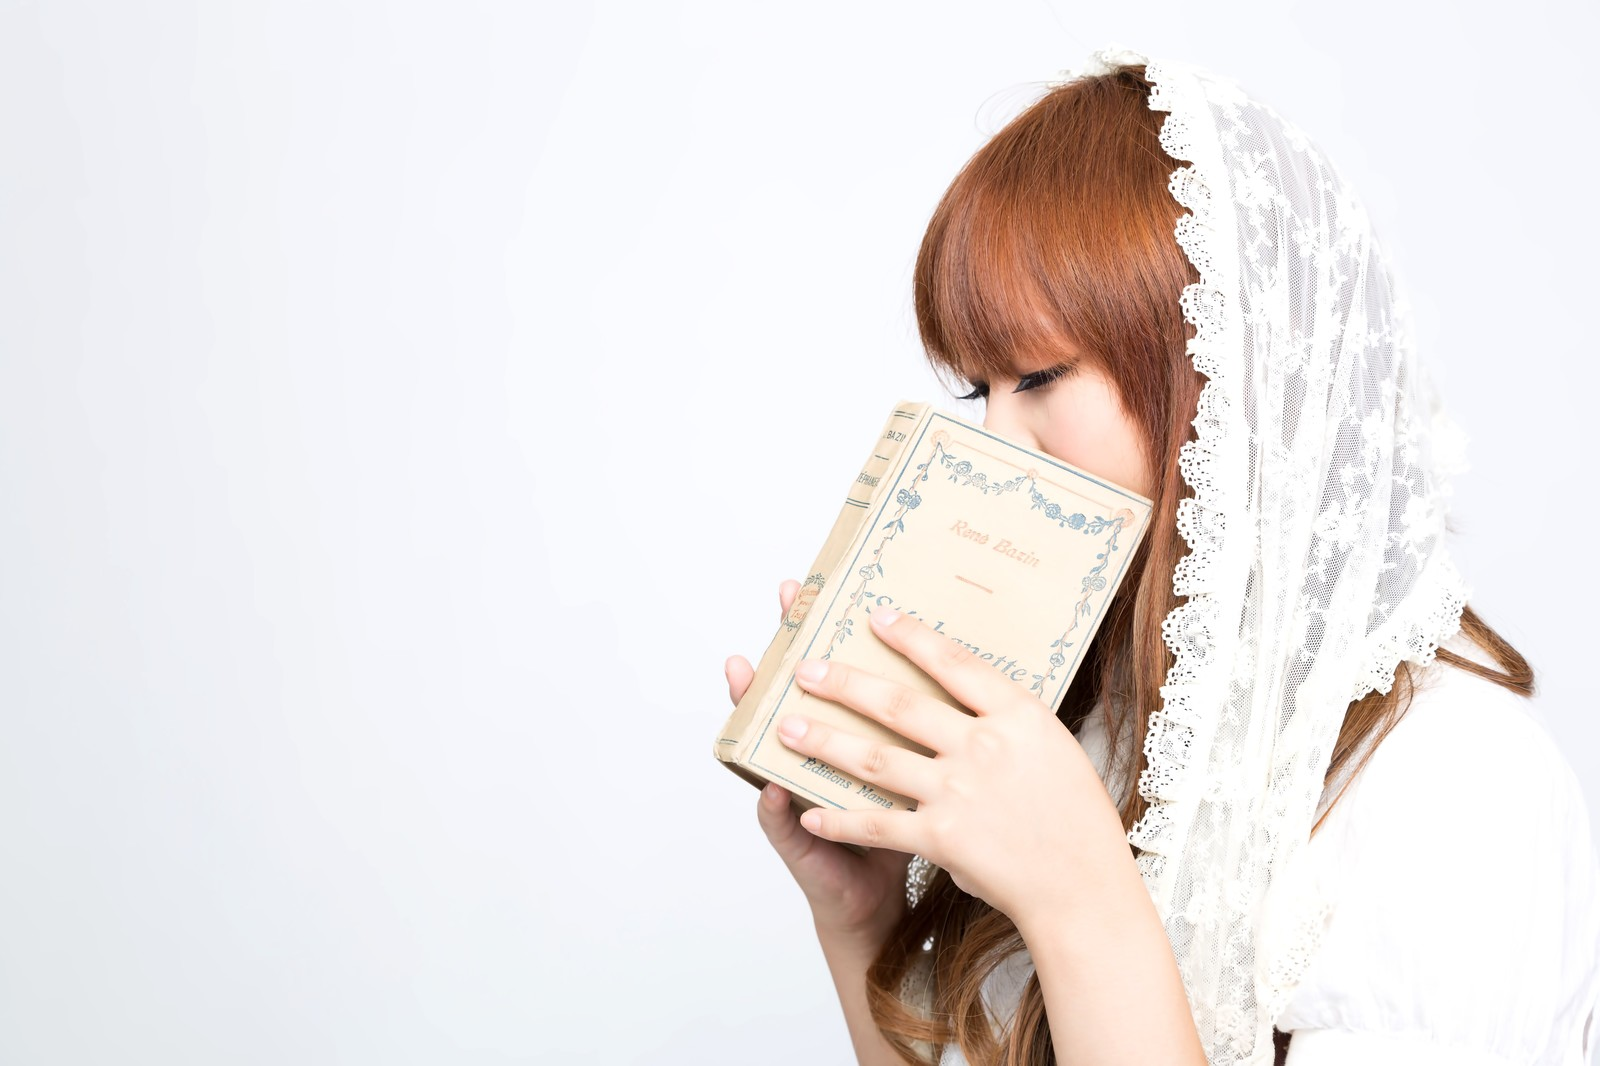 「洋書で口元を隠すガーリーな女の子」の写真[モデル:あみ]